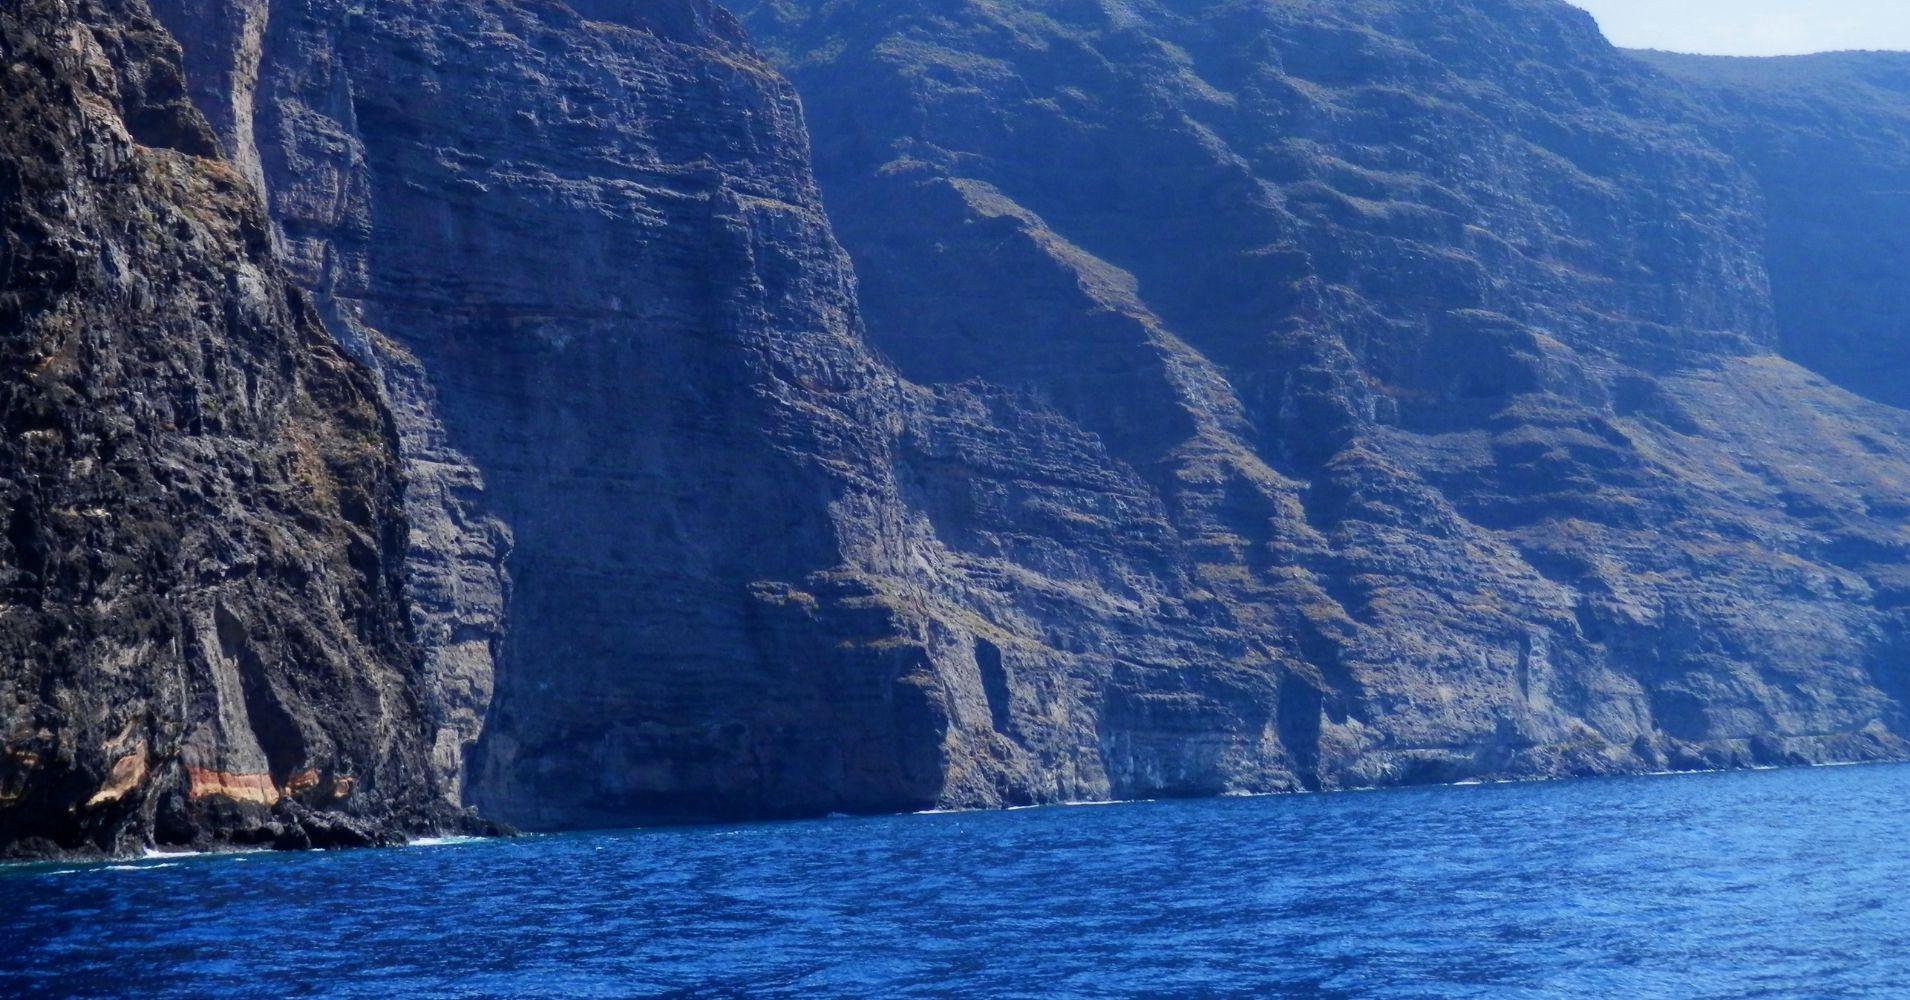 Acantilado de los Gigantes. Tenerife, Canarias. España.